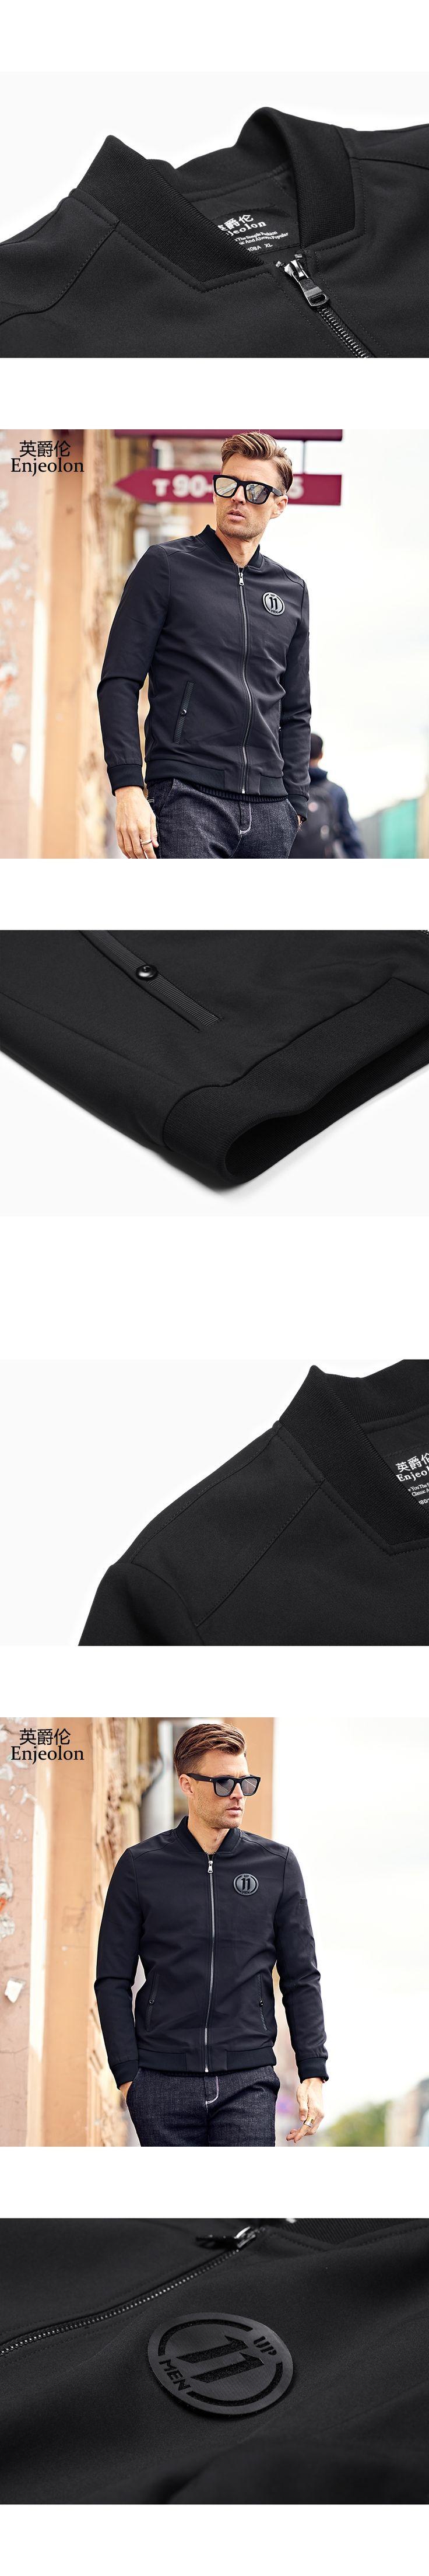 Enjeolon brand 2017 Bomber casual windbreaker jackets men, black solid Mens tactical coats, stand collar Jacket clothes JK0454